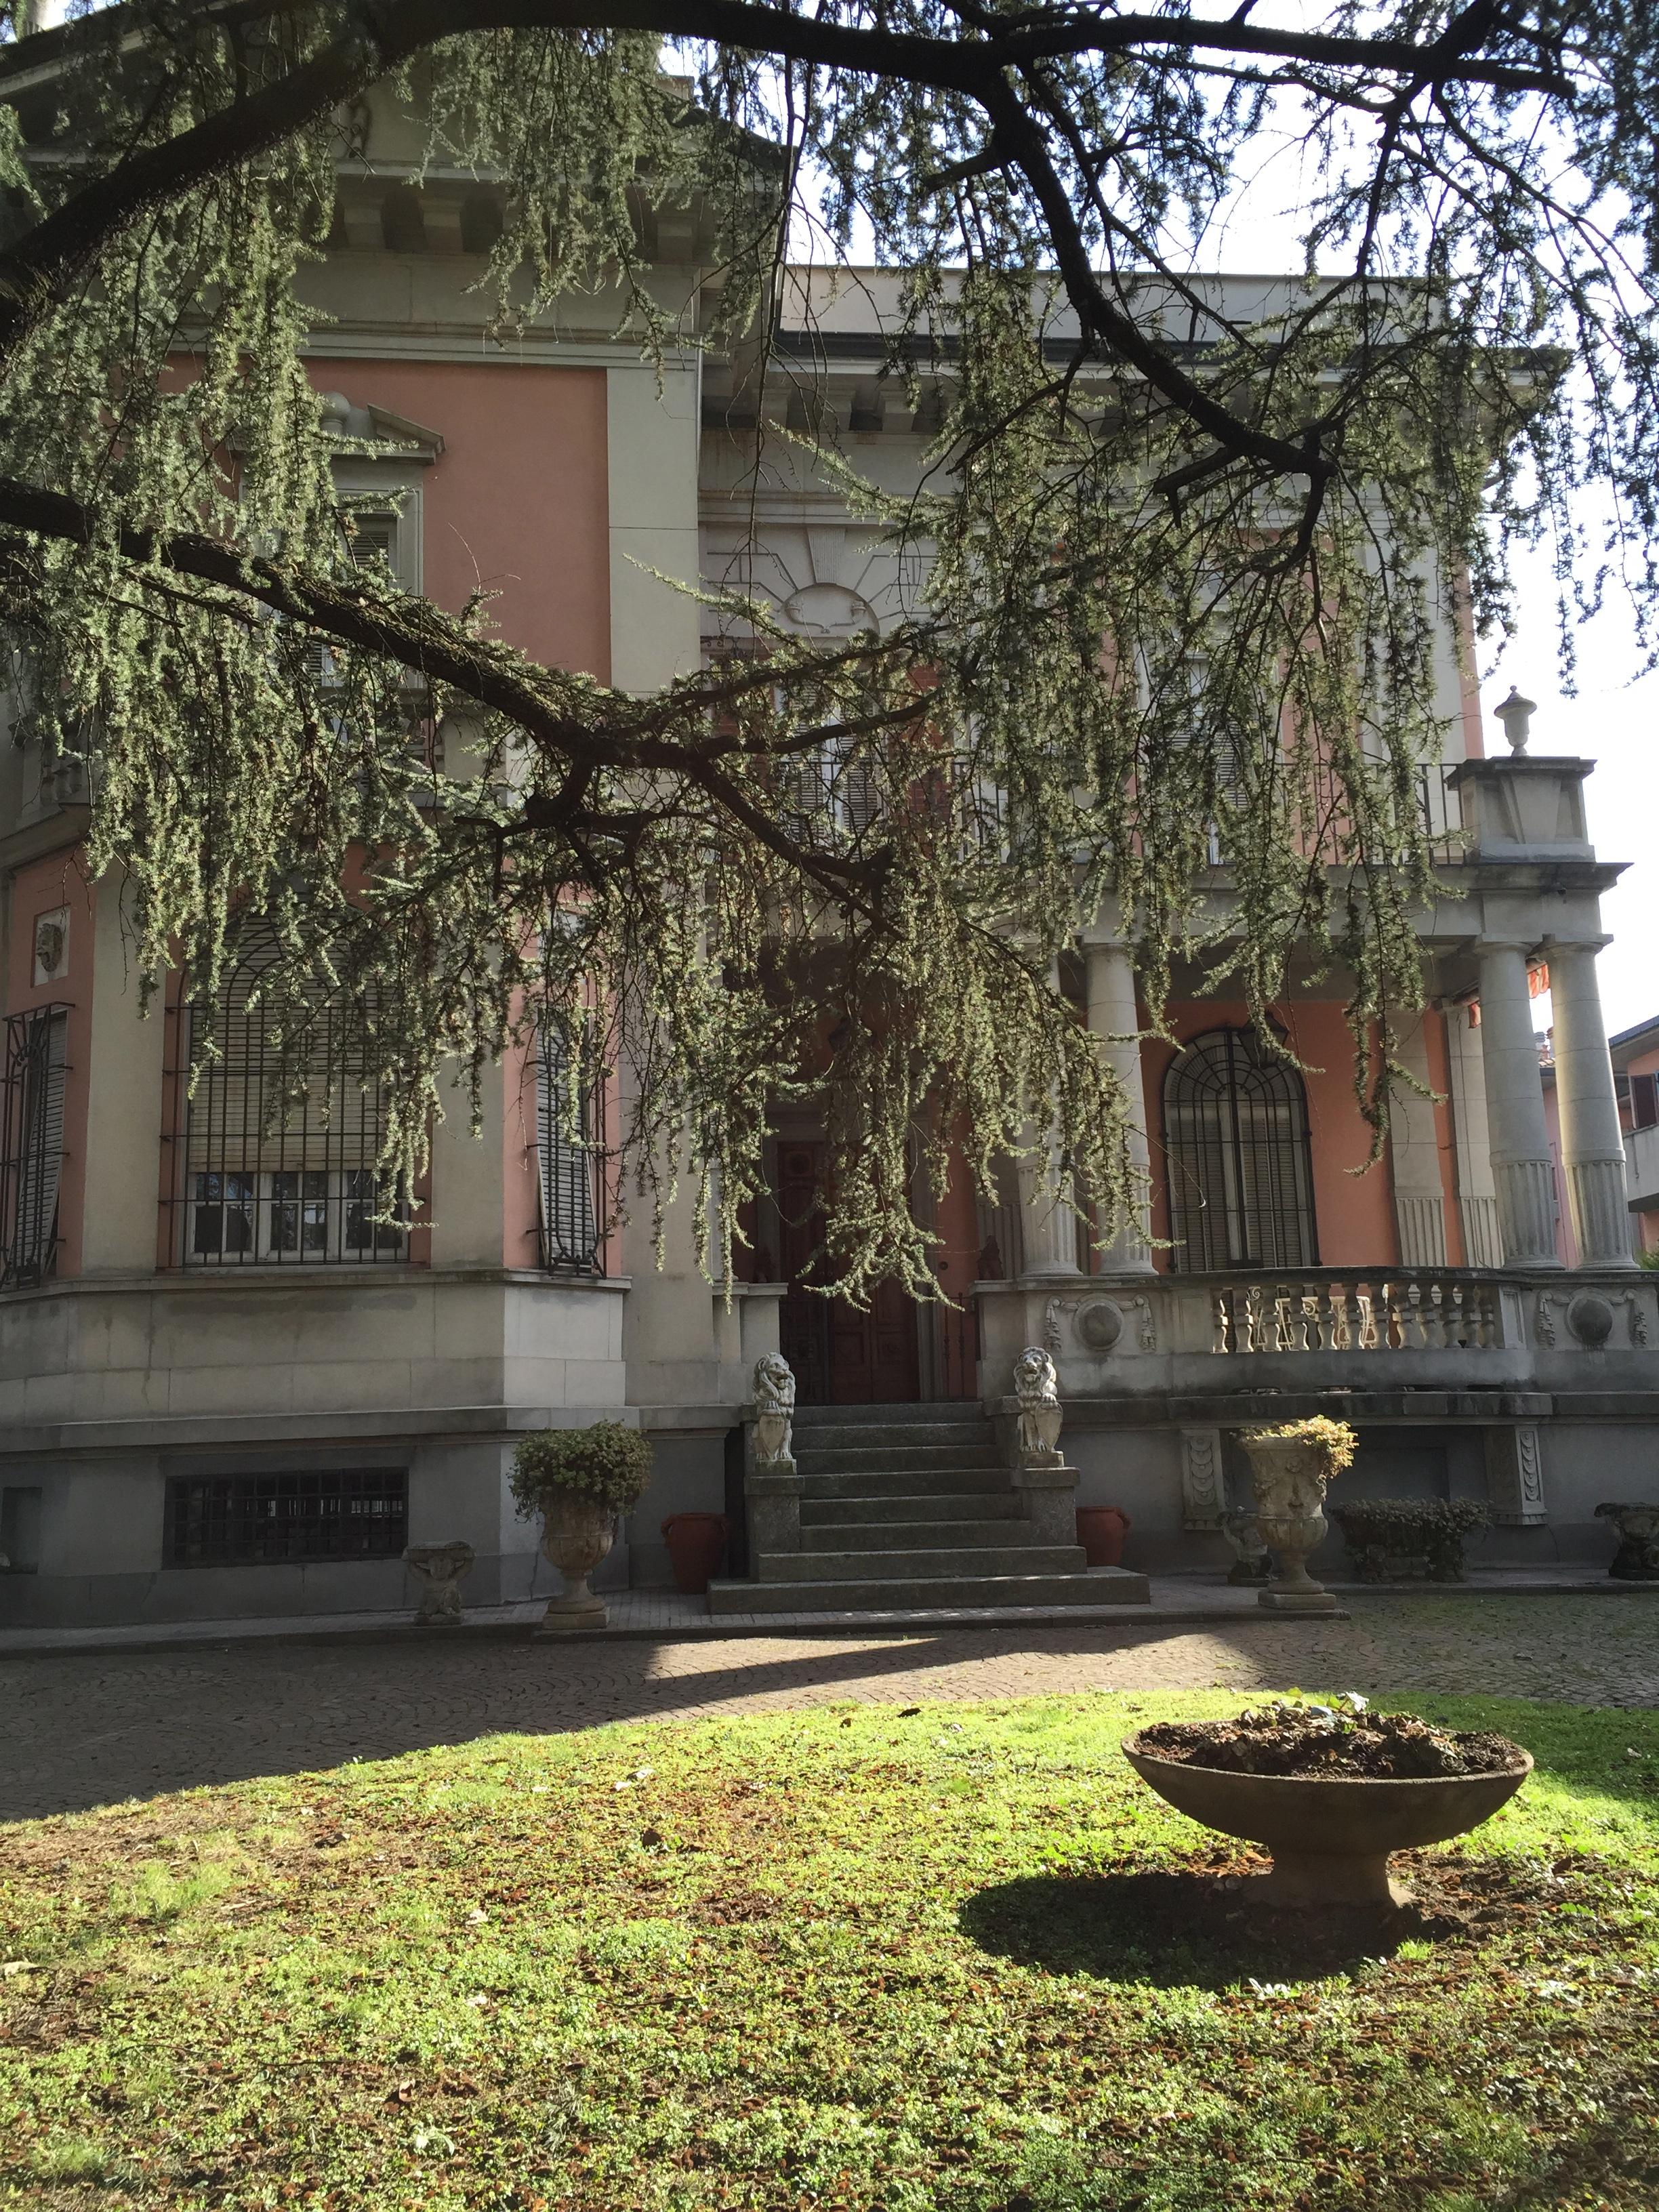 Сан-ремо достопримечательности - Италия - Foturistnet